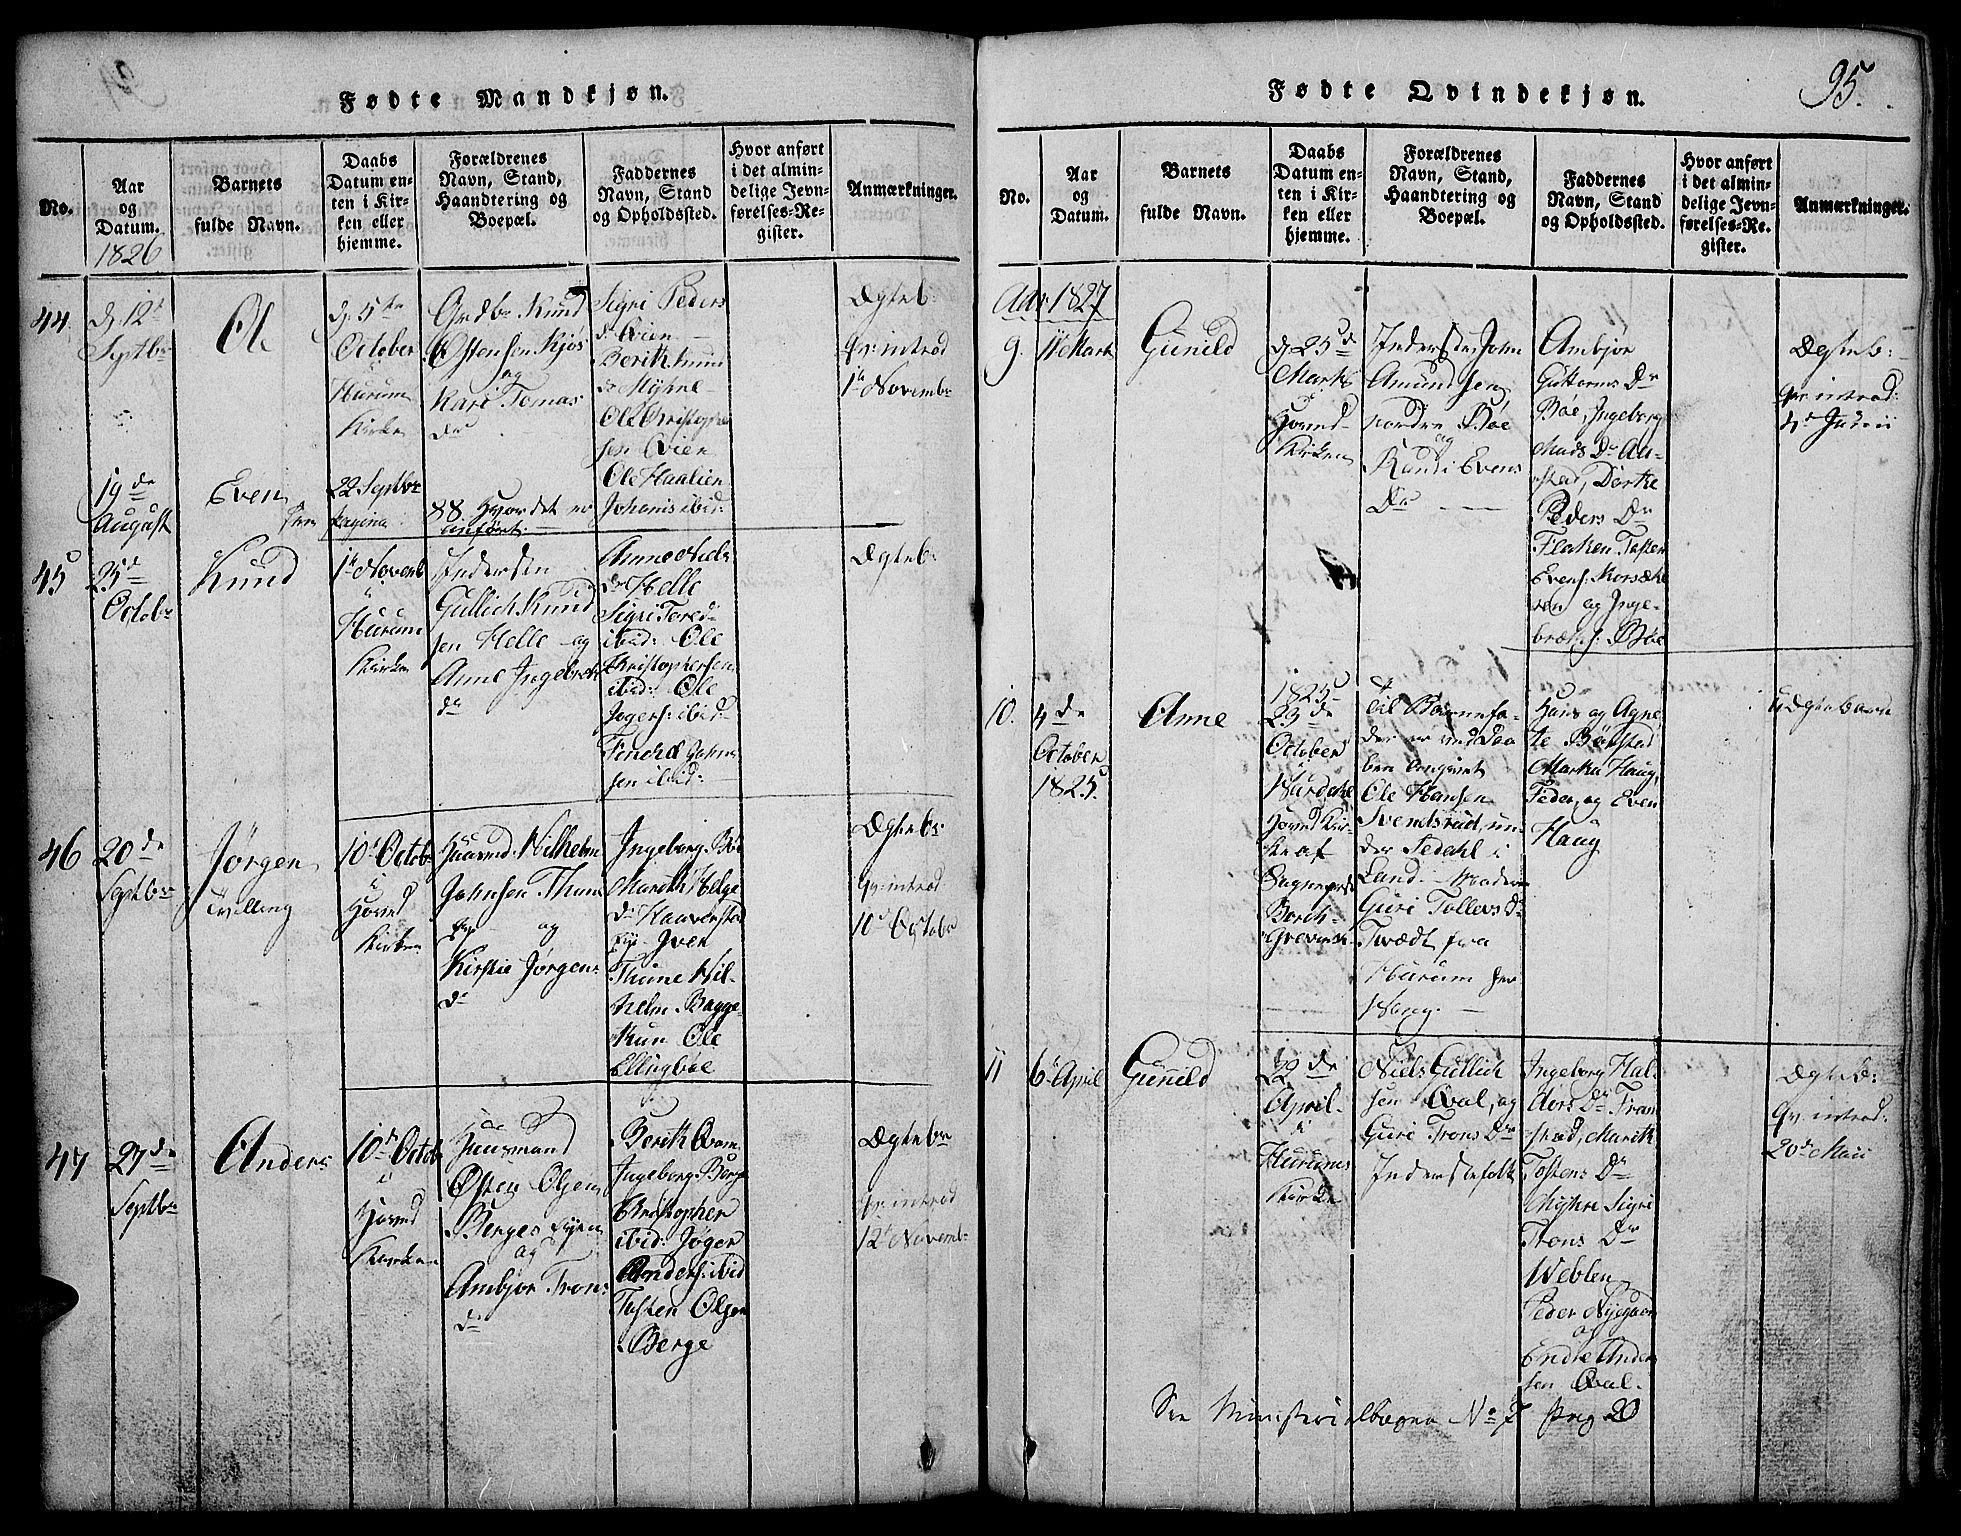 SAH, Vang prestekontor, Valdres, Klokkerbok nr. 2, 1814-1889, s. 95